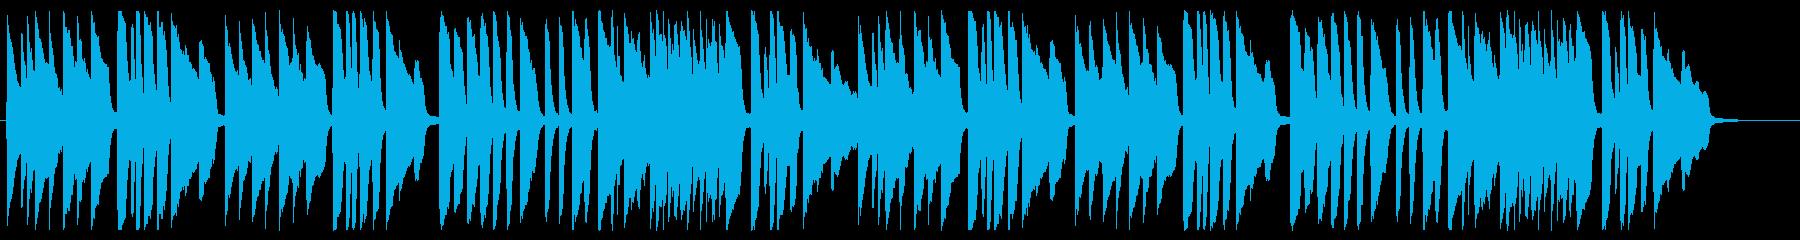 すいかの名産地 ピアノver.の再生済みの波形